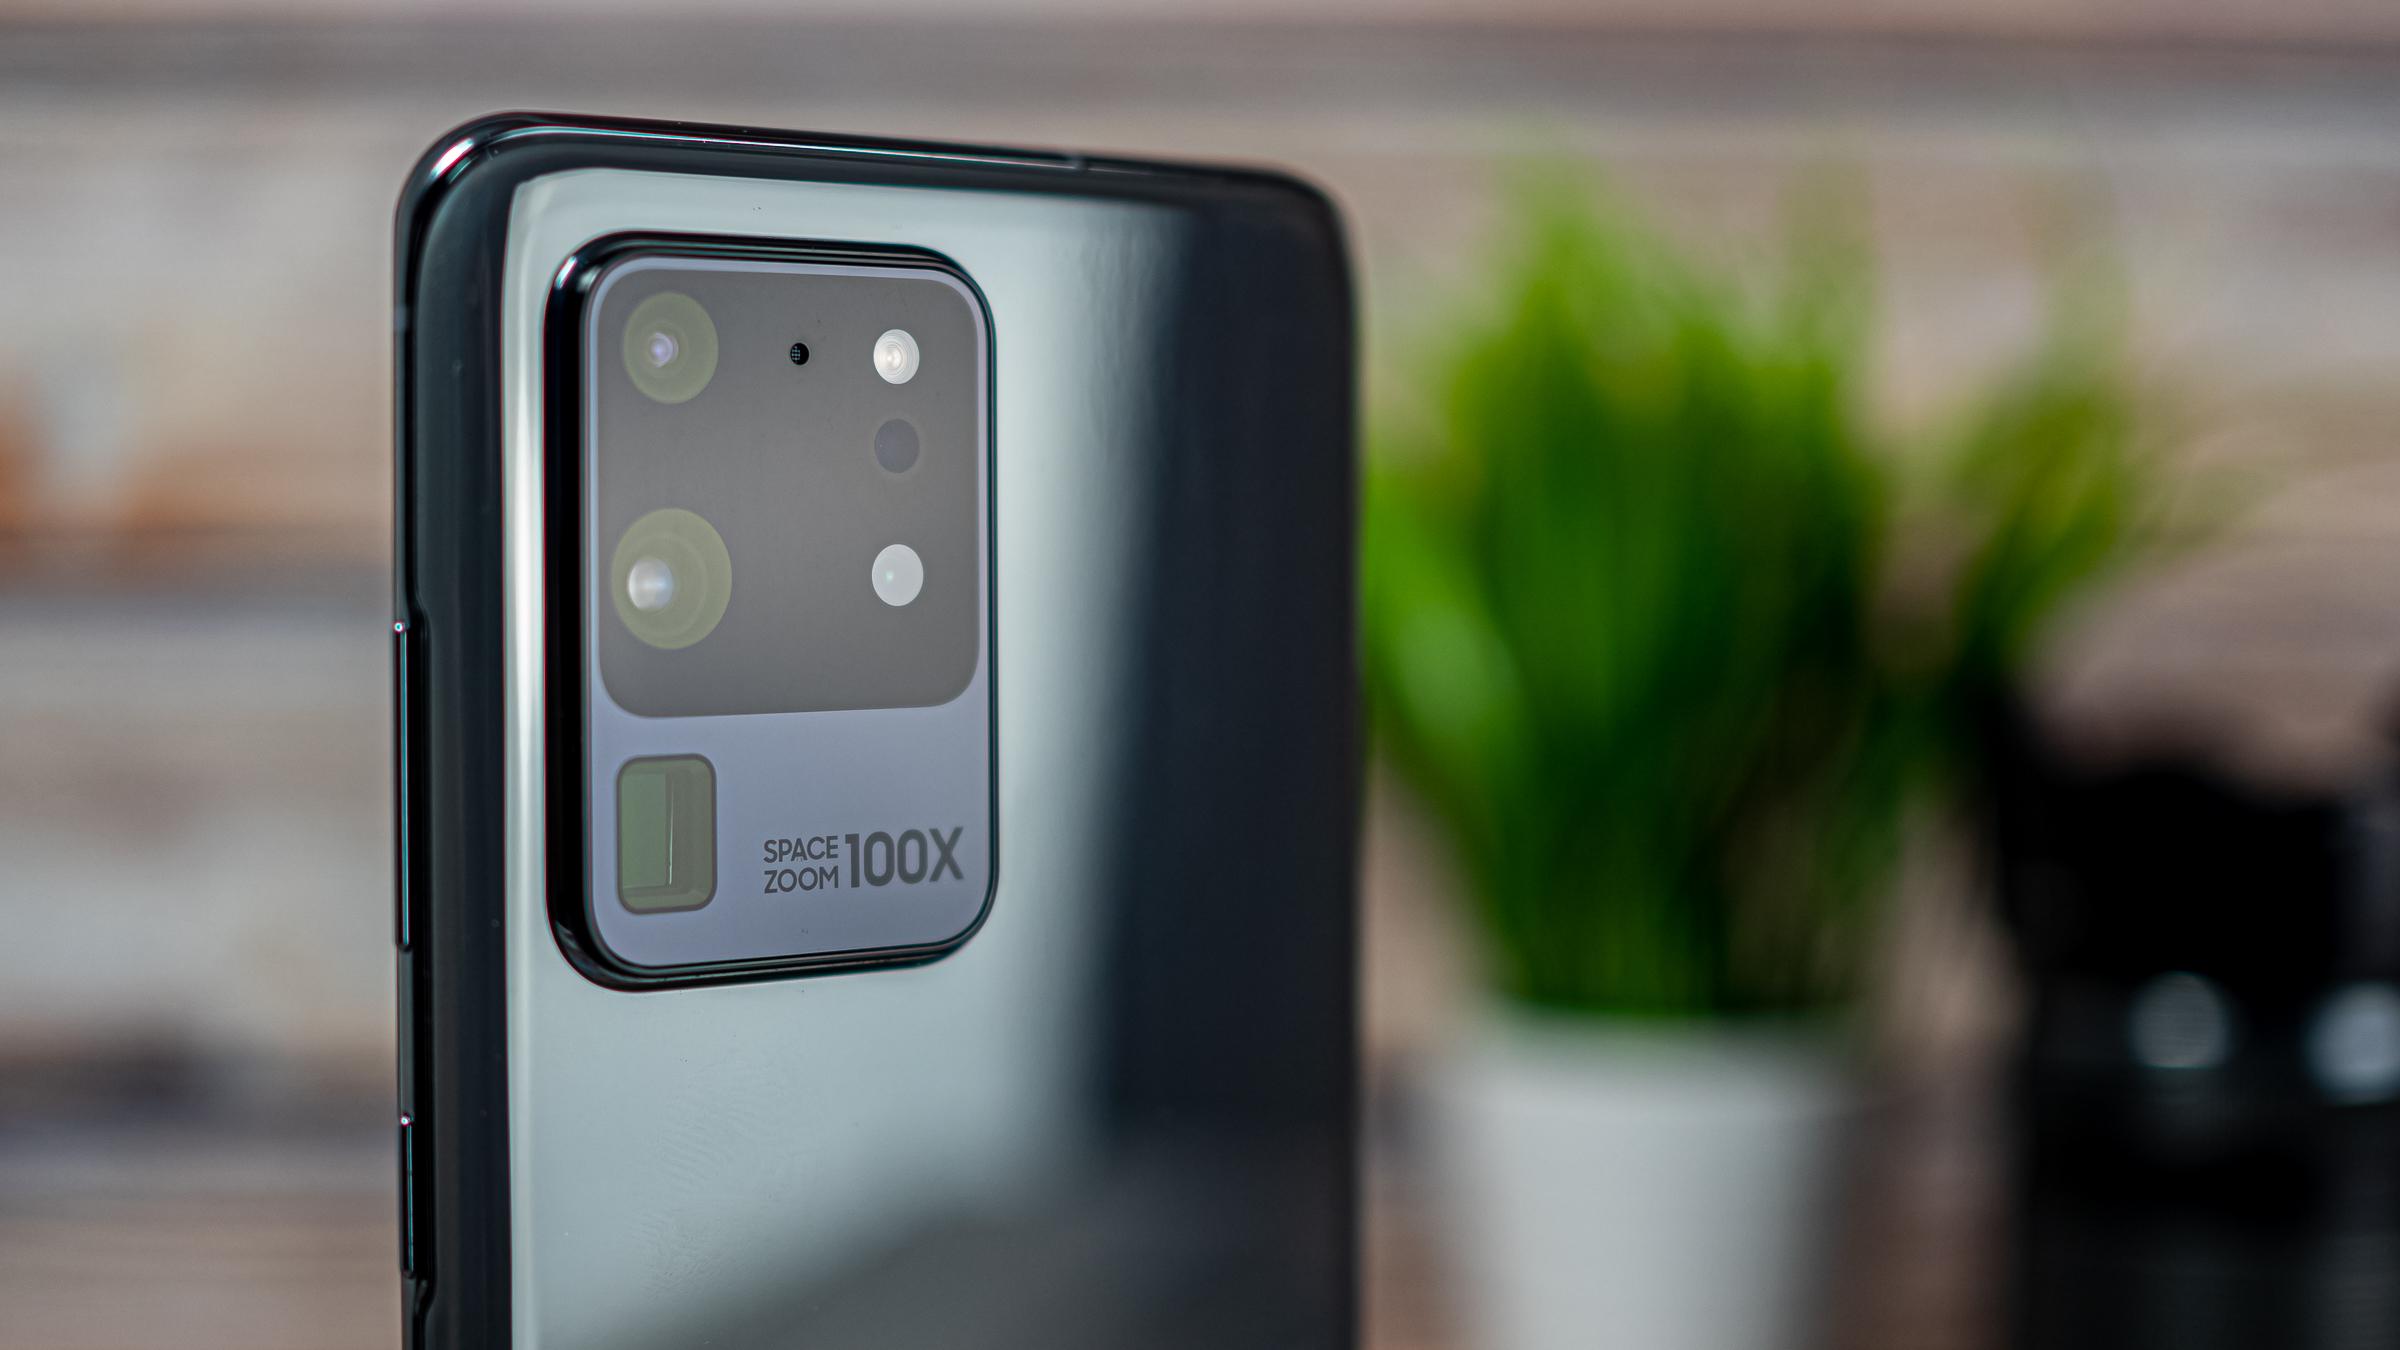 Samsung estaría planeando montar su cámara de 108 megapíxeles en los Galaxy A